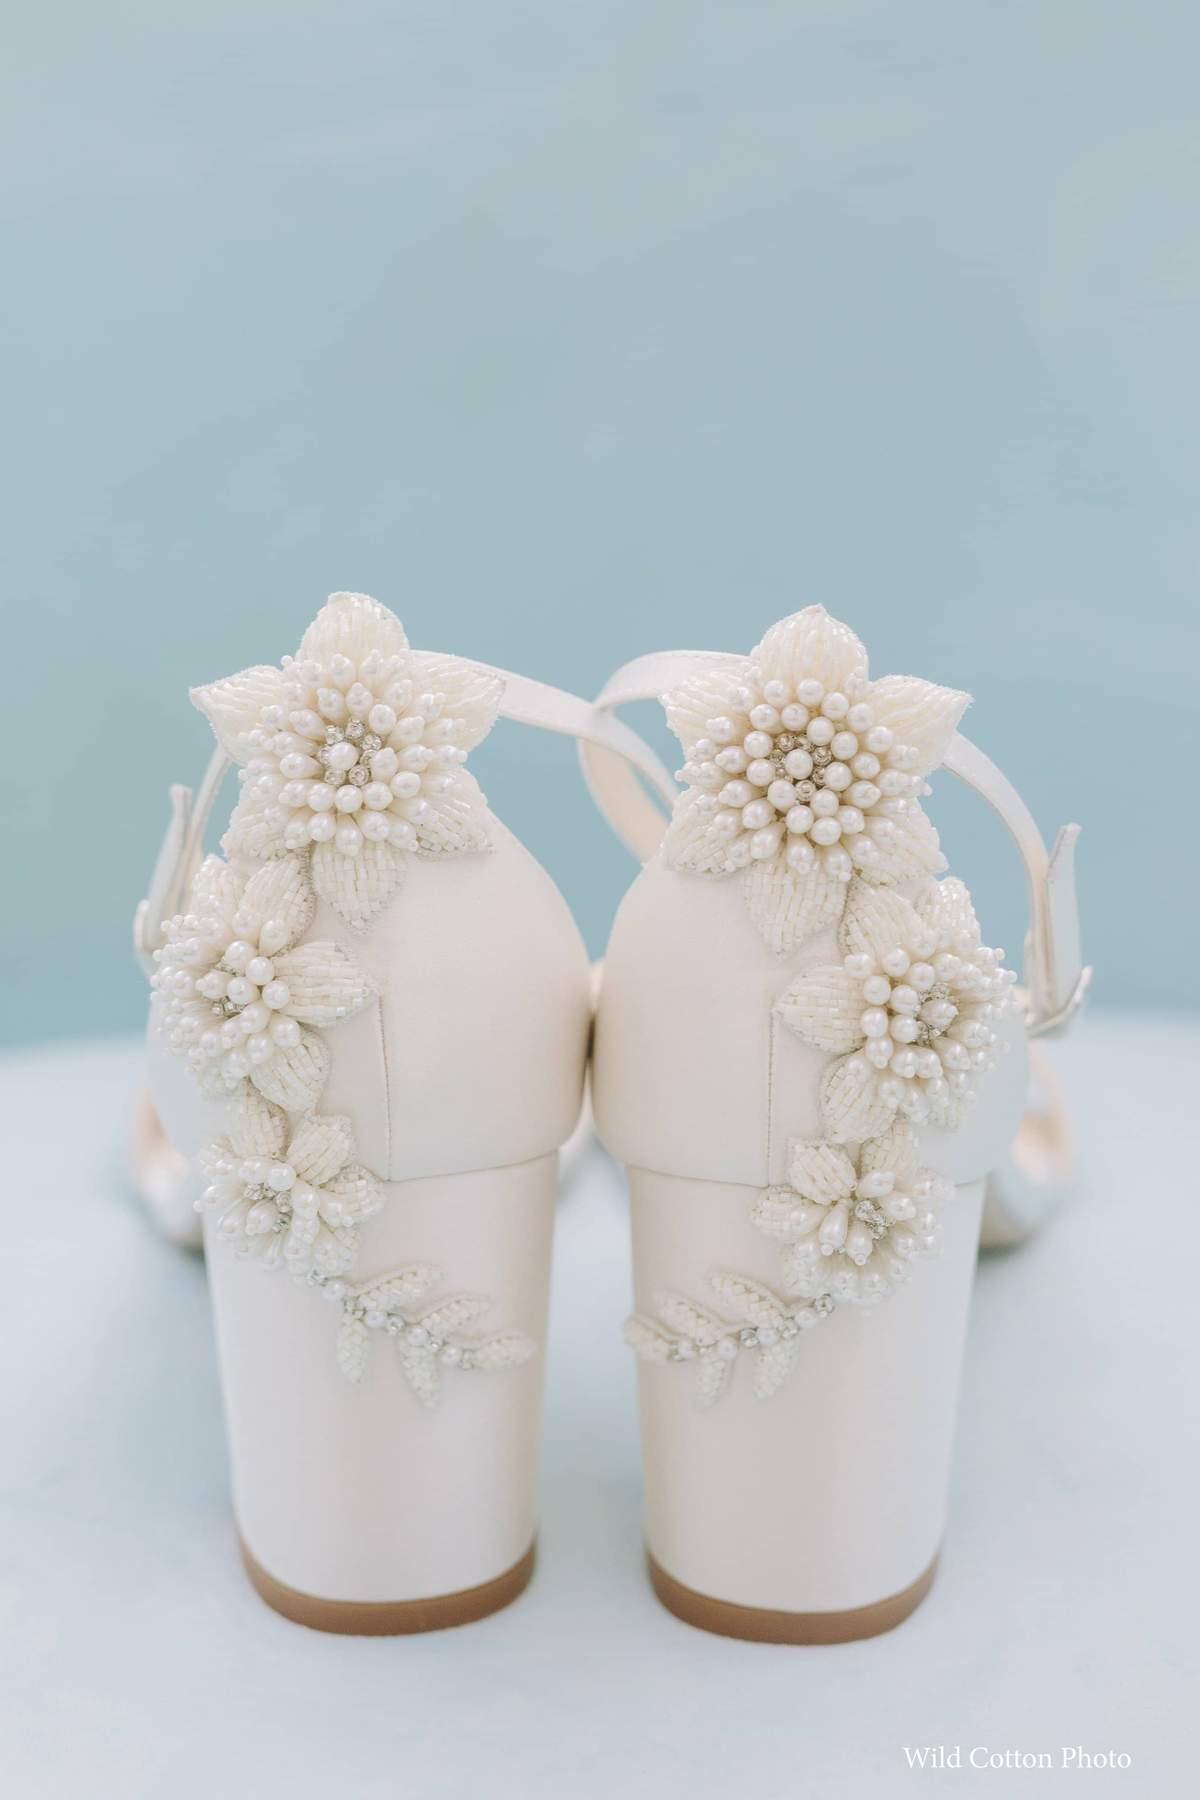 Chaussures de mariée Fabiola Bellabelle mariage talon carré block heel blanc perles fleurs ivoire bride confort